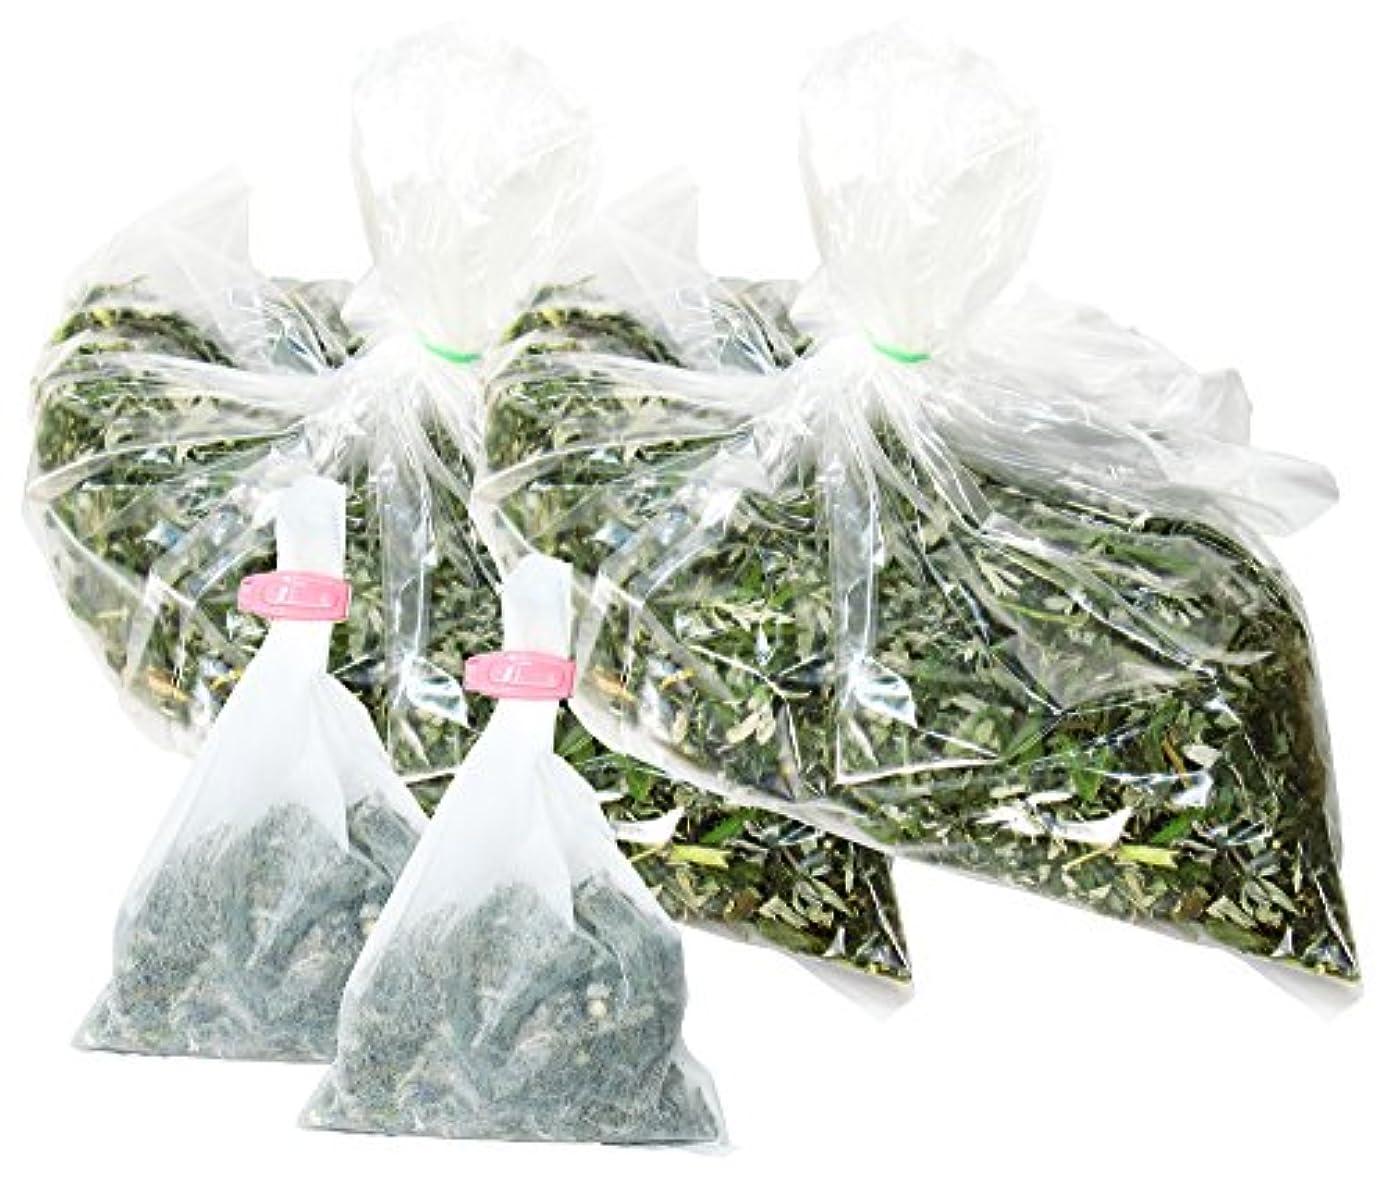 うるさいびんとは異なり自然健康社 よもぎ蒸しのよもぎ 250g×2個 乾燥刻み 煮出し袋20枚付